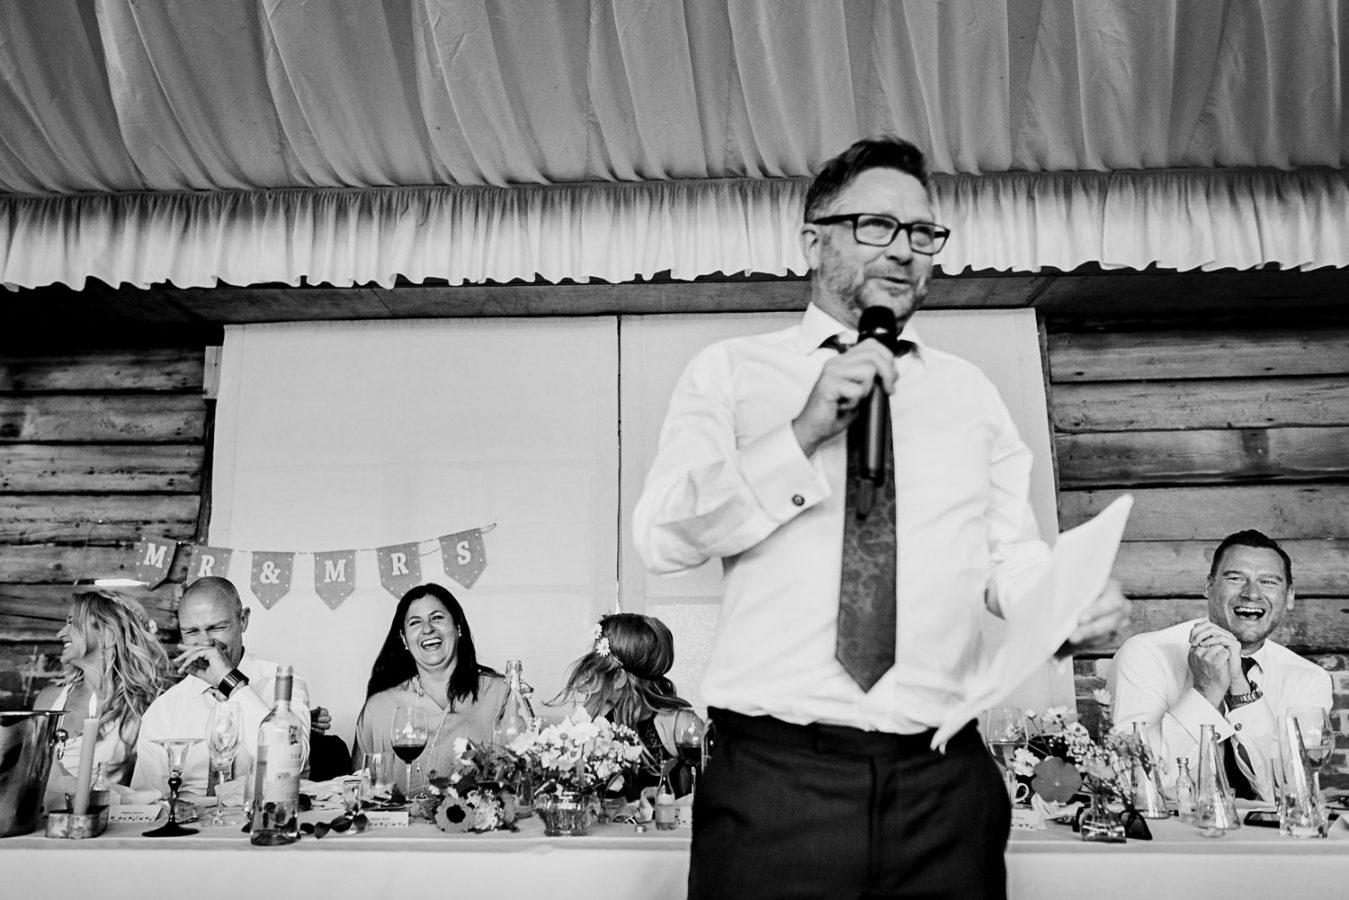 Hilarious wedding speech